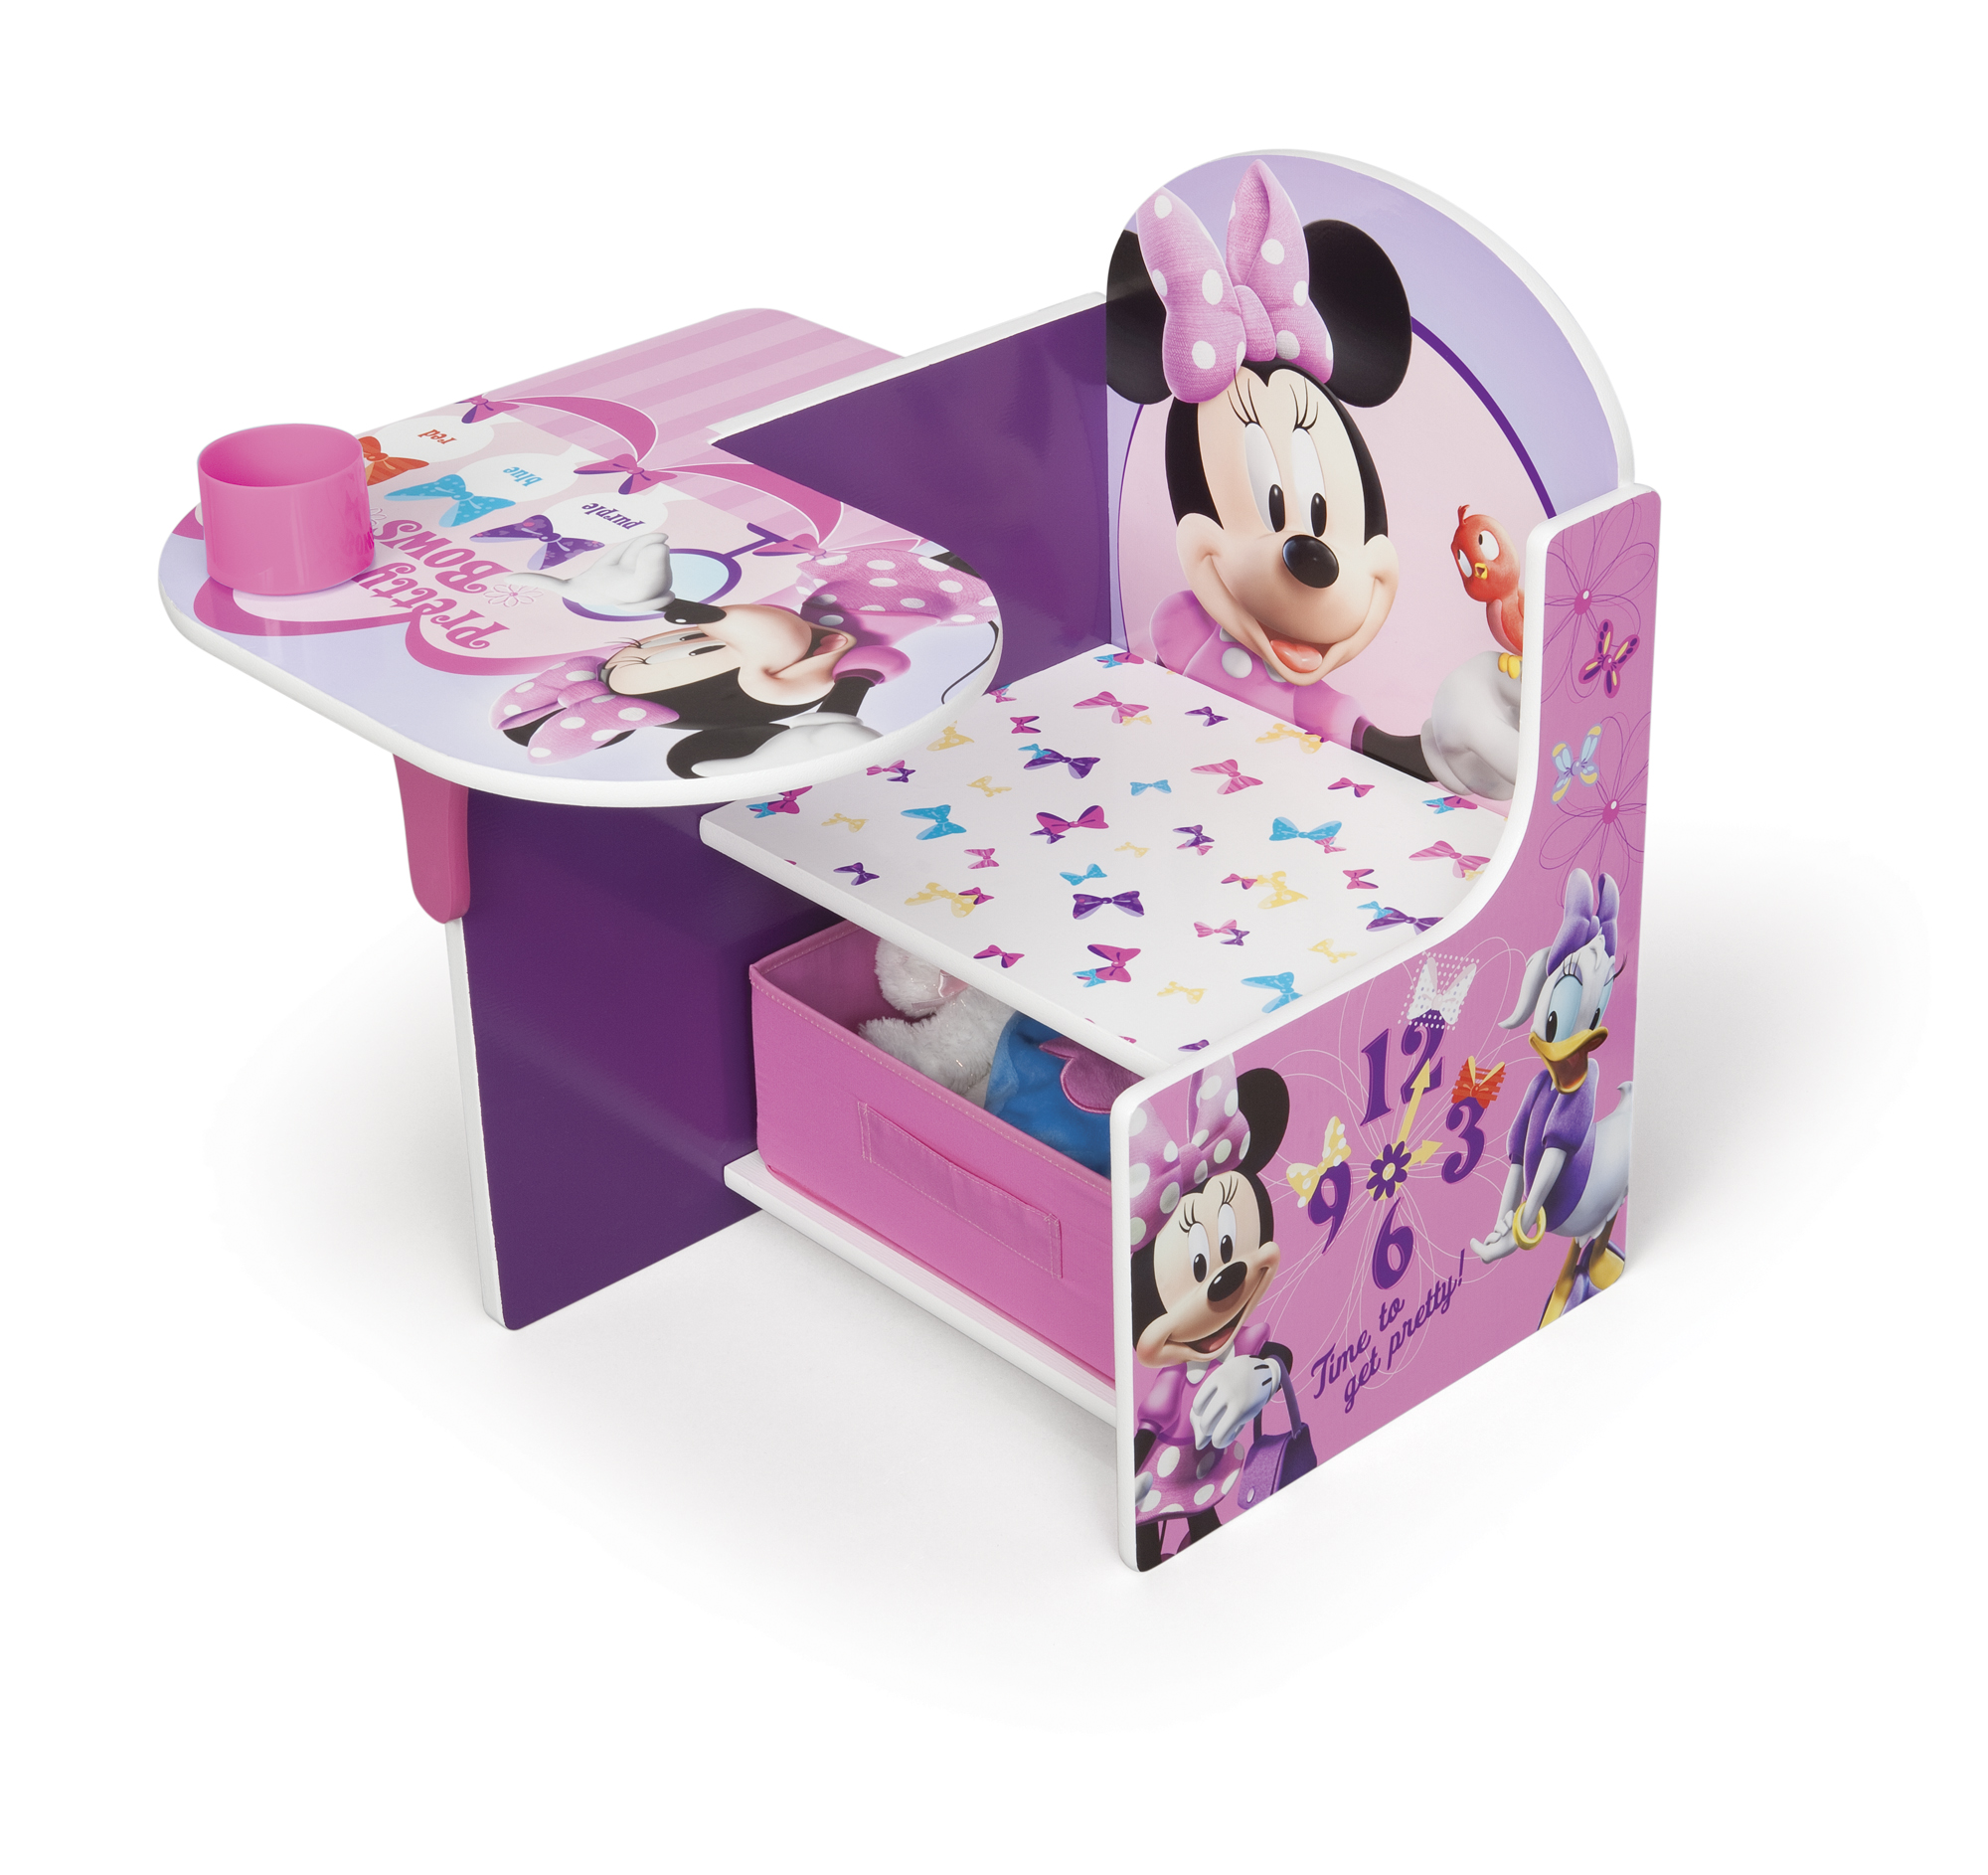 Dětská jídelní židle Minnie Mouse